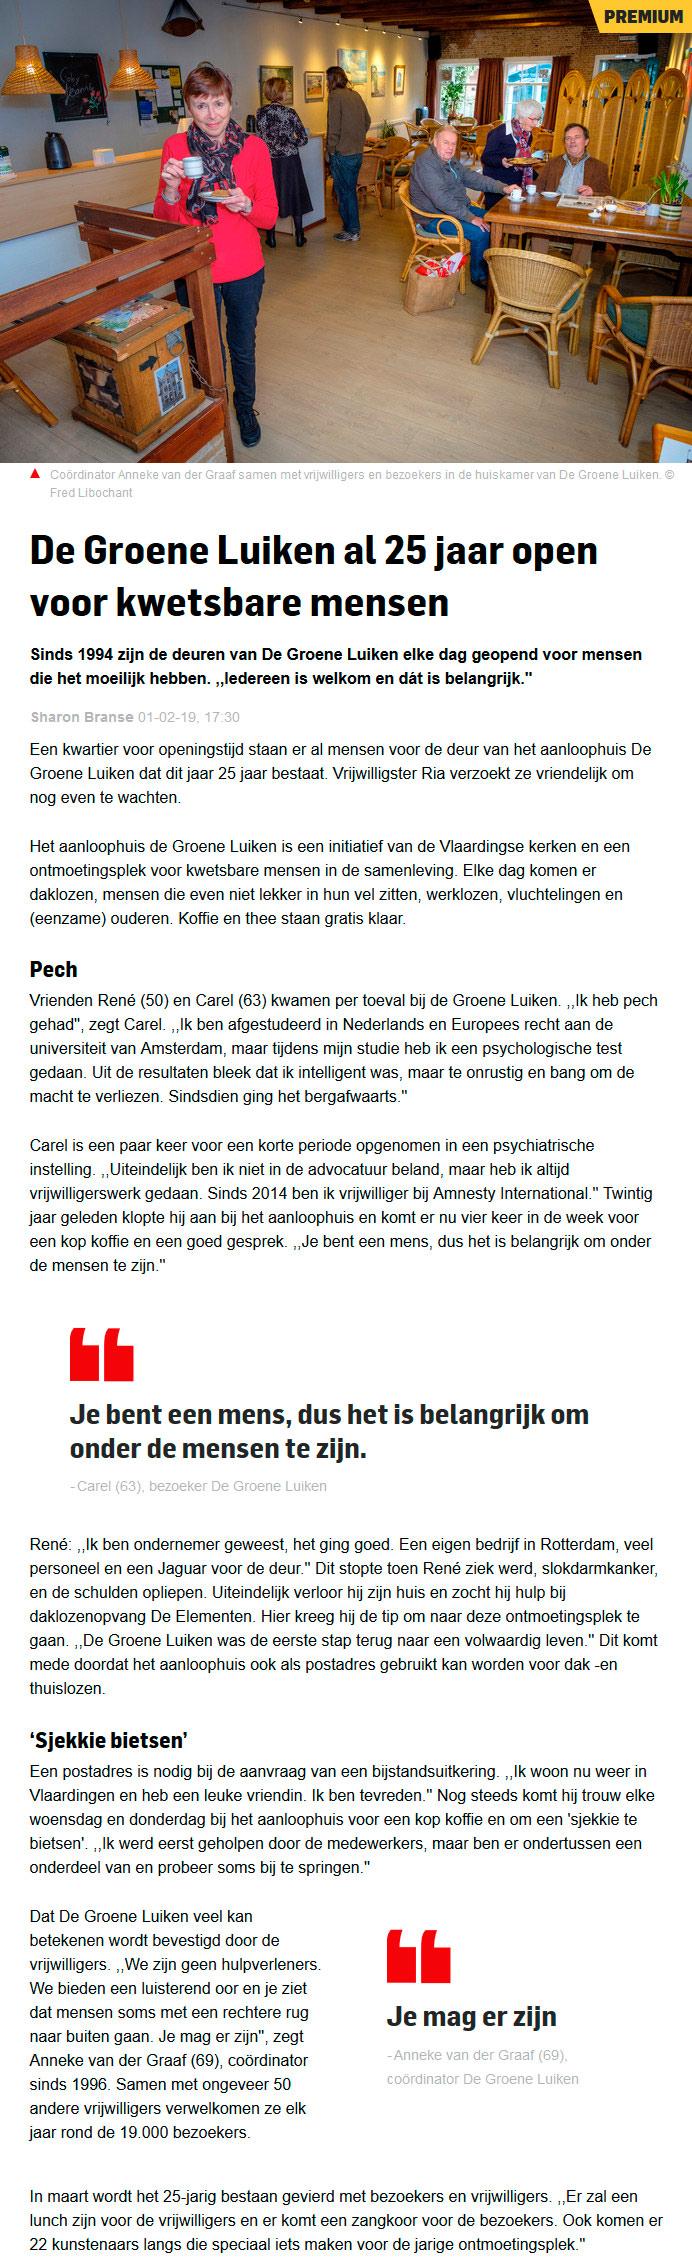 Artikel in Algemeen Dagblad - 1 februari 2019: De Groene Luiken al 25 jaar open voor kwetsbare mensen.